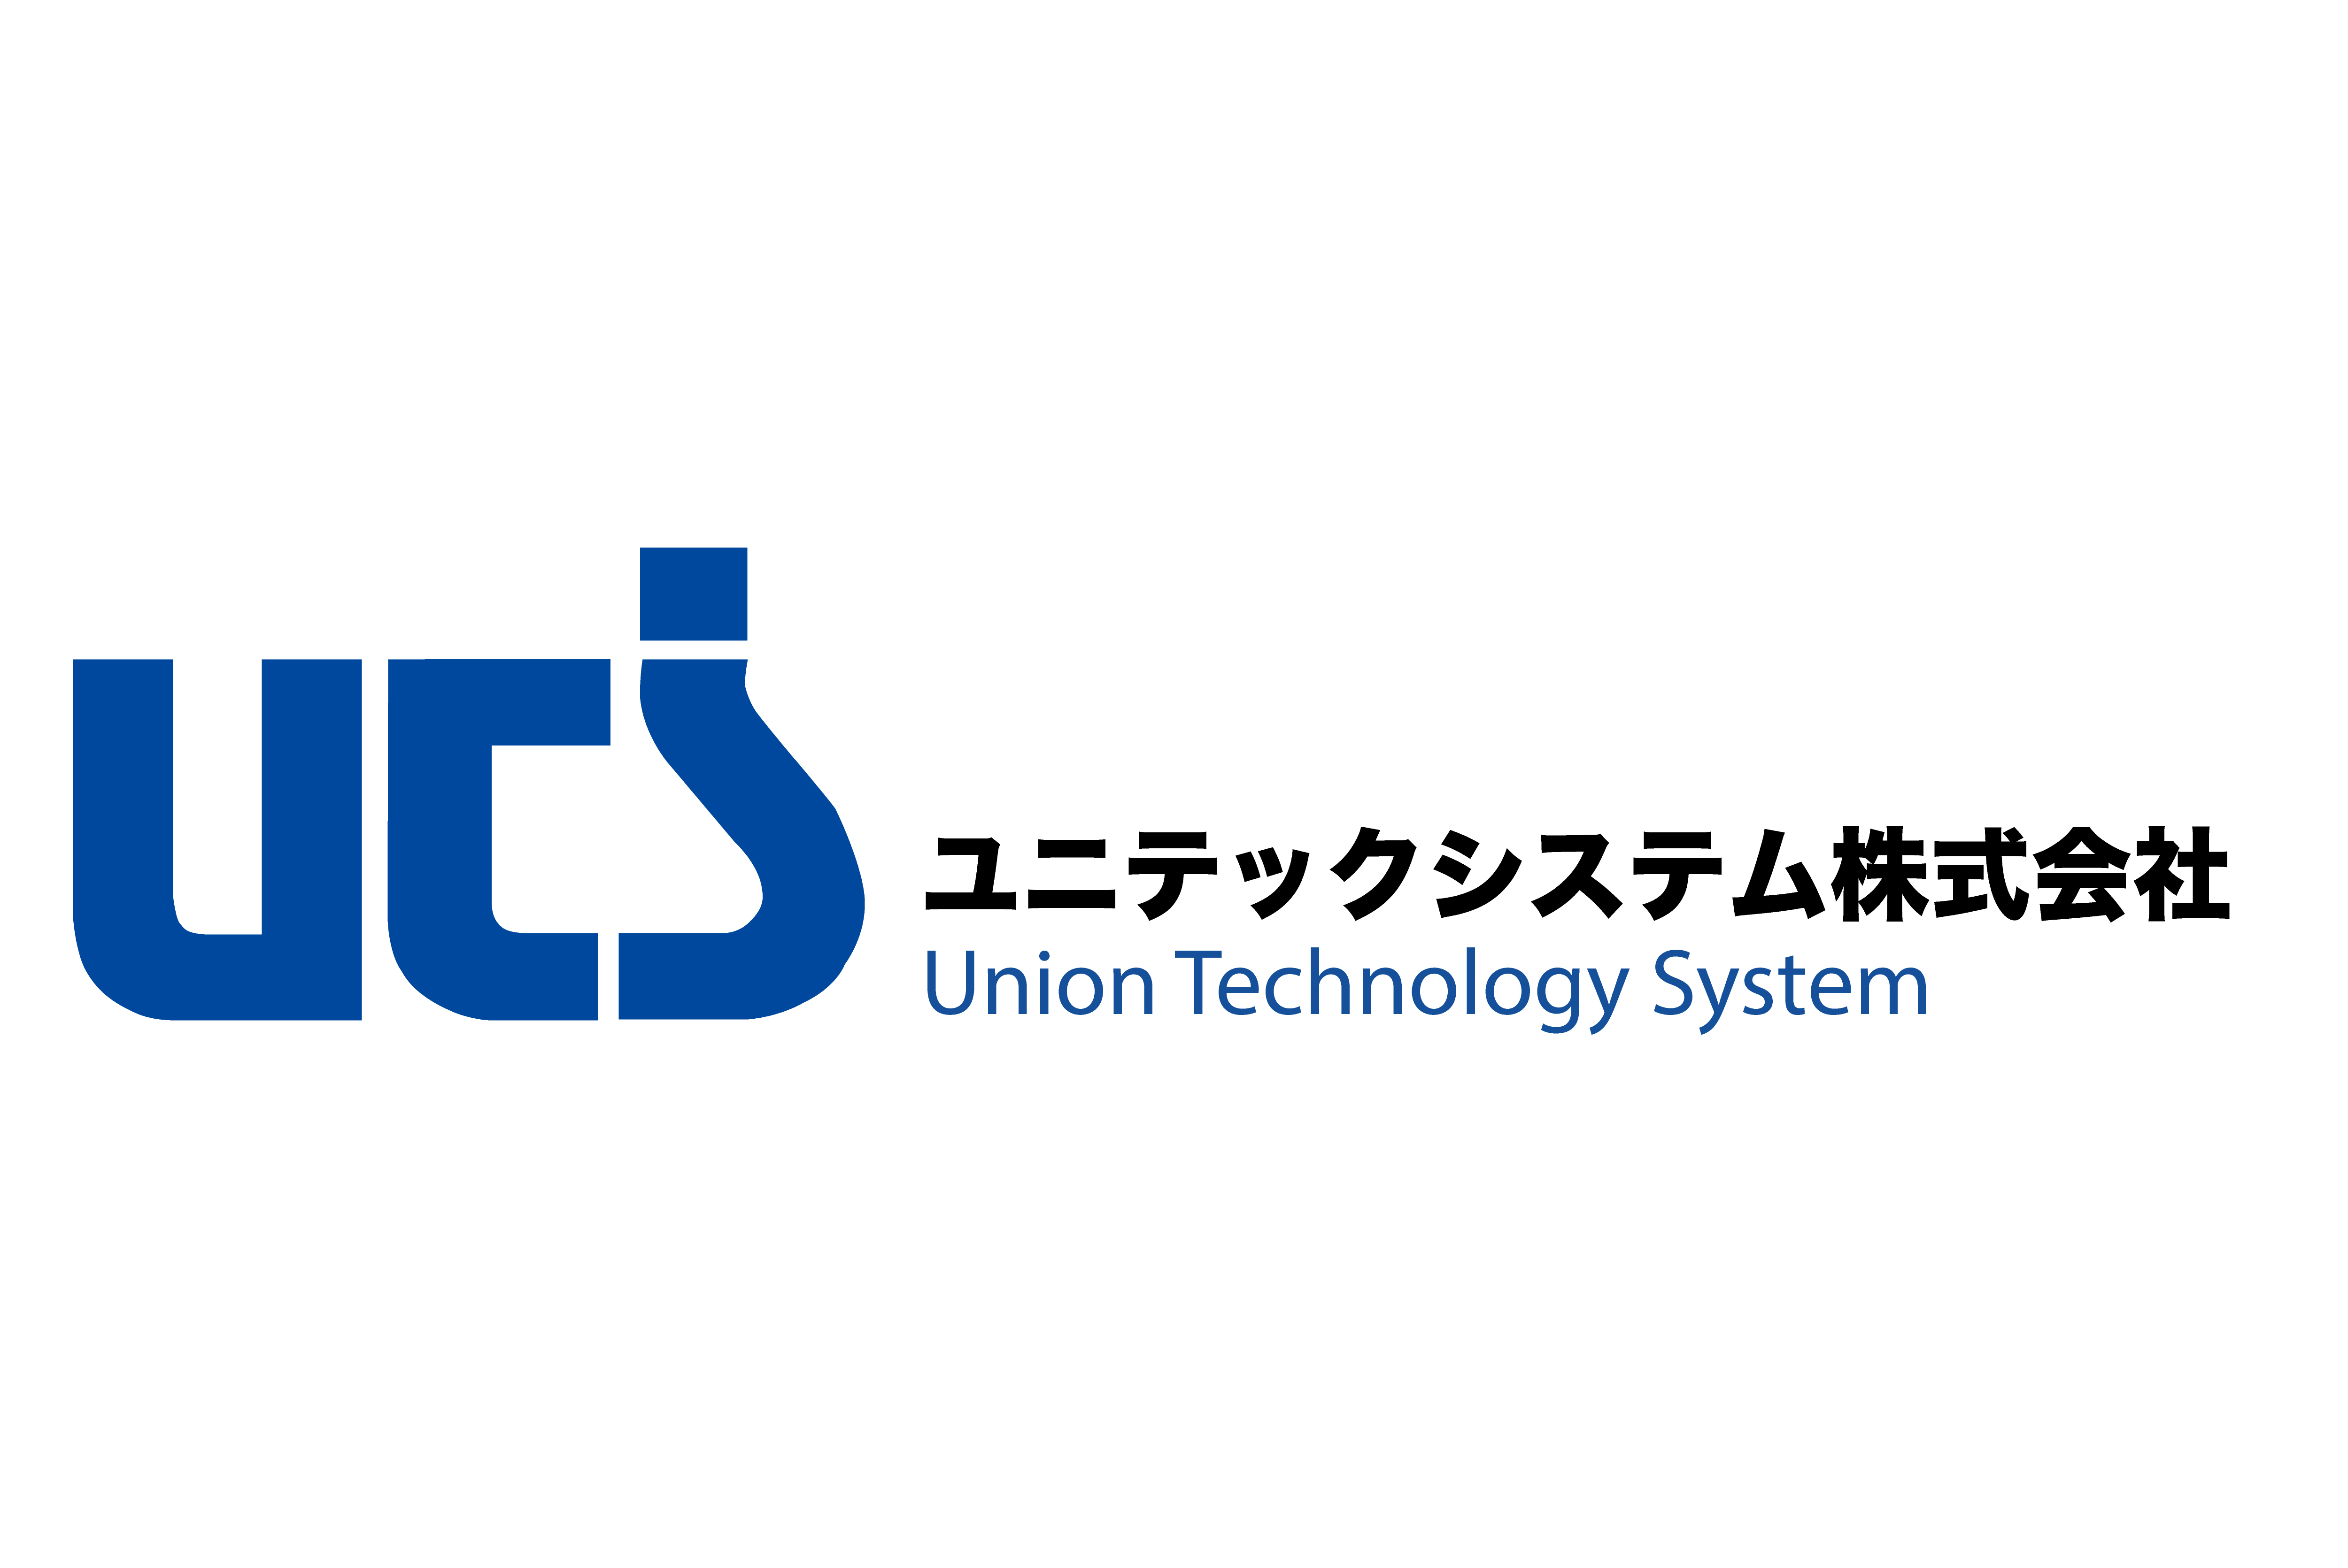 ユニテックシステム株式会社